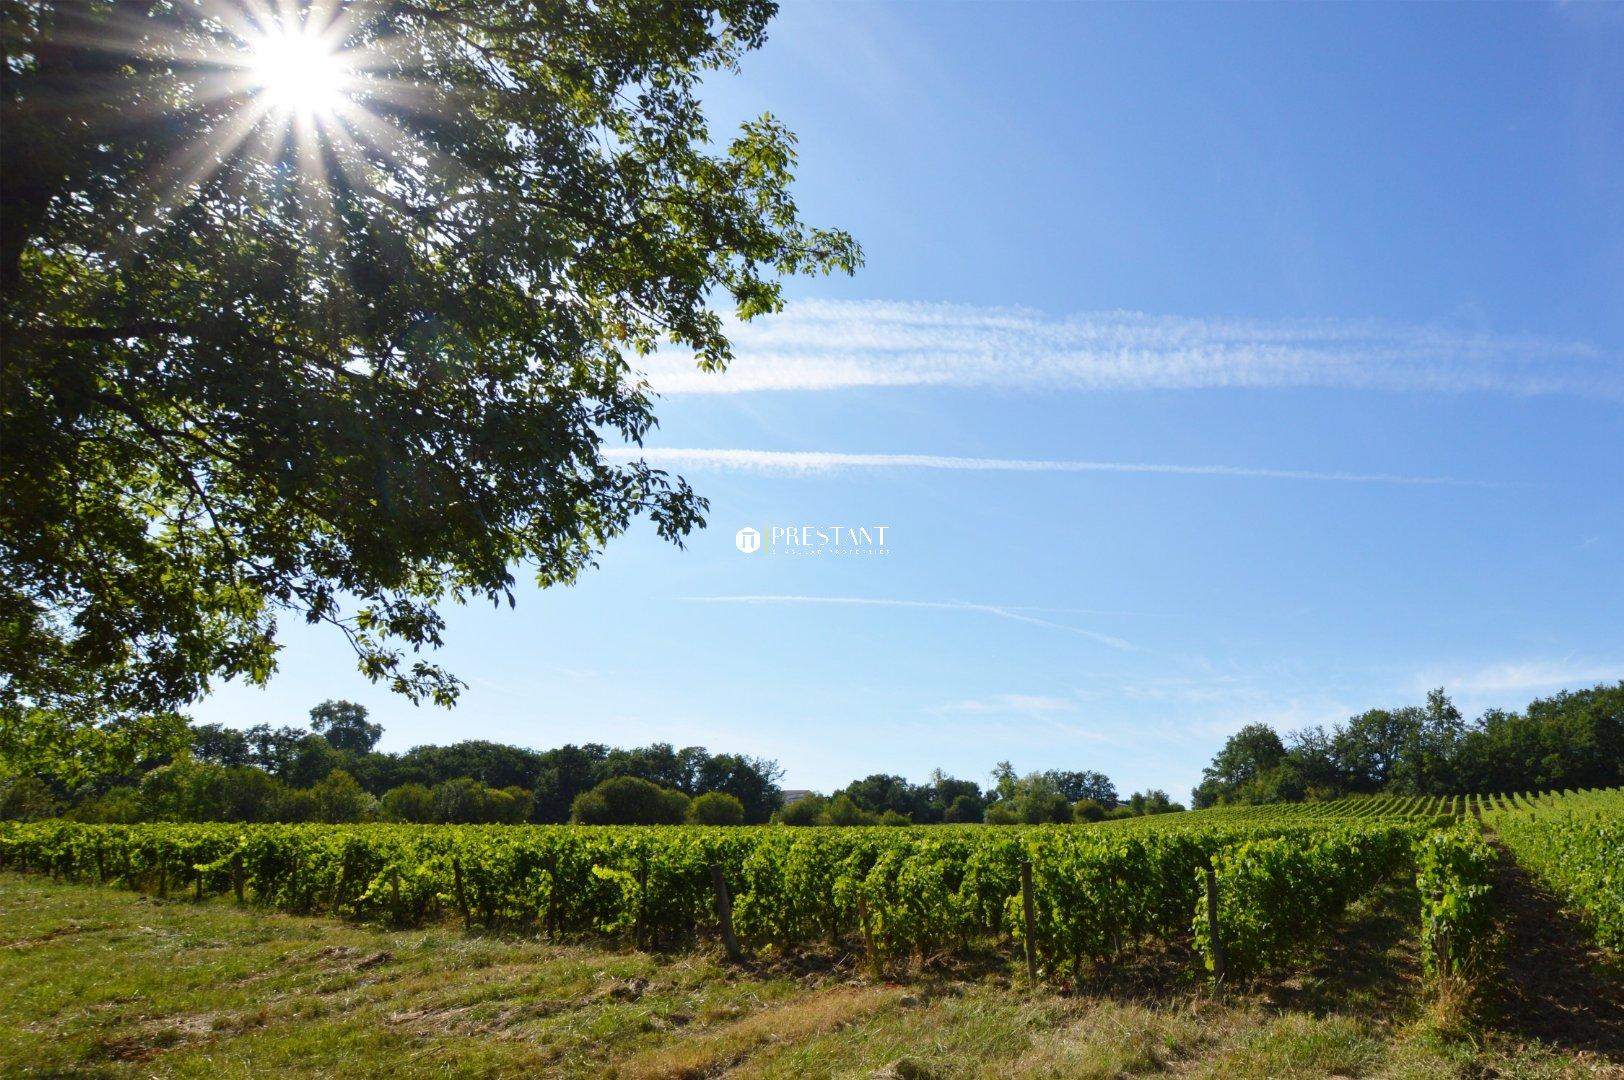 Demeure D Antan Périgueux propriété viticole à vendre - château xiiie xive - sud-ouest